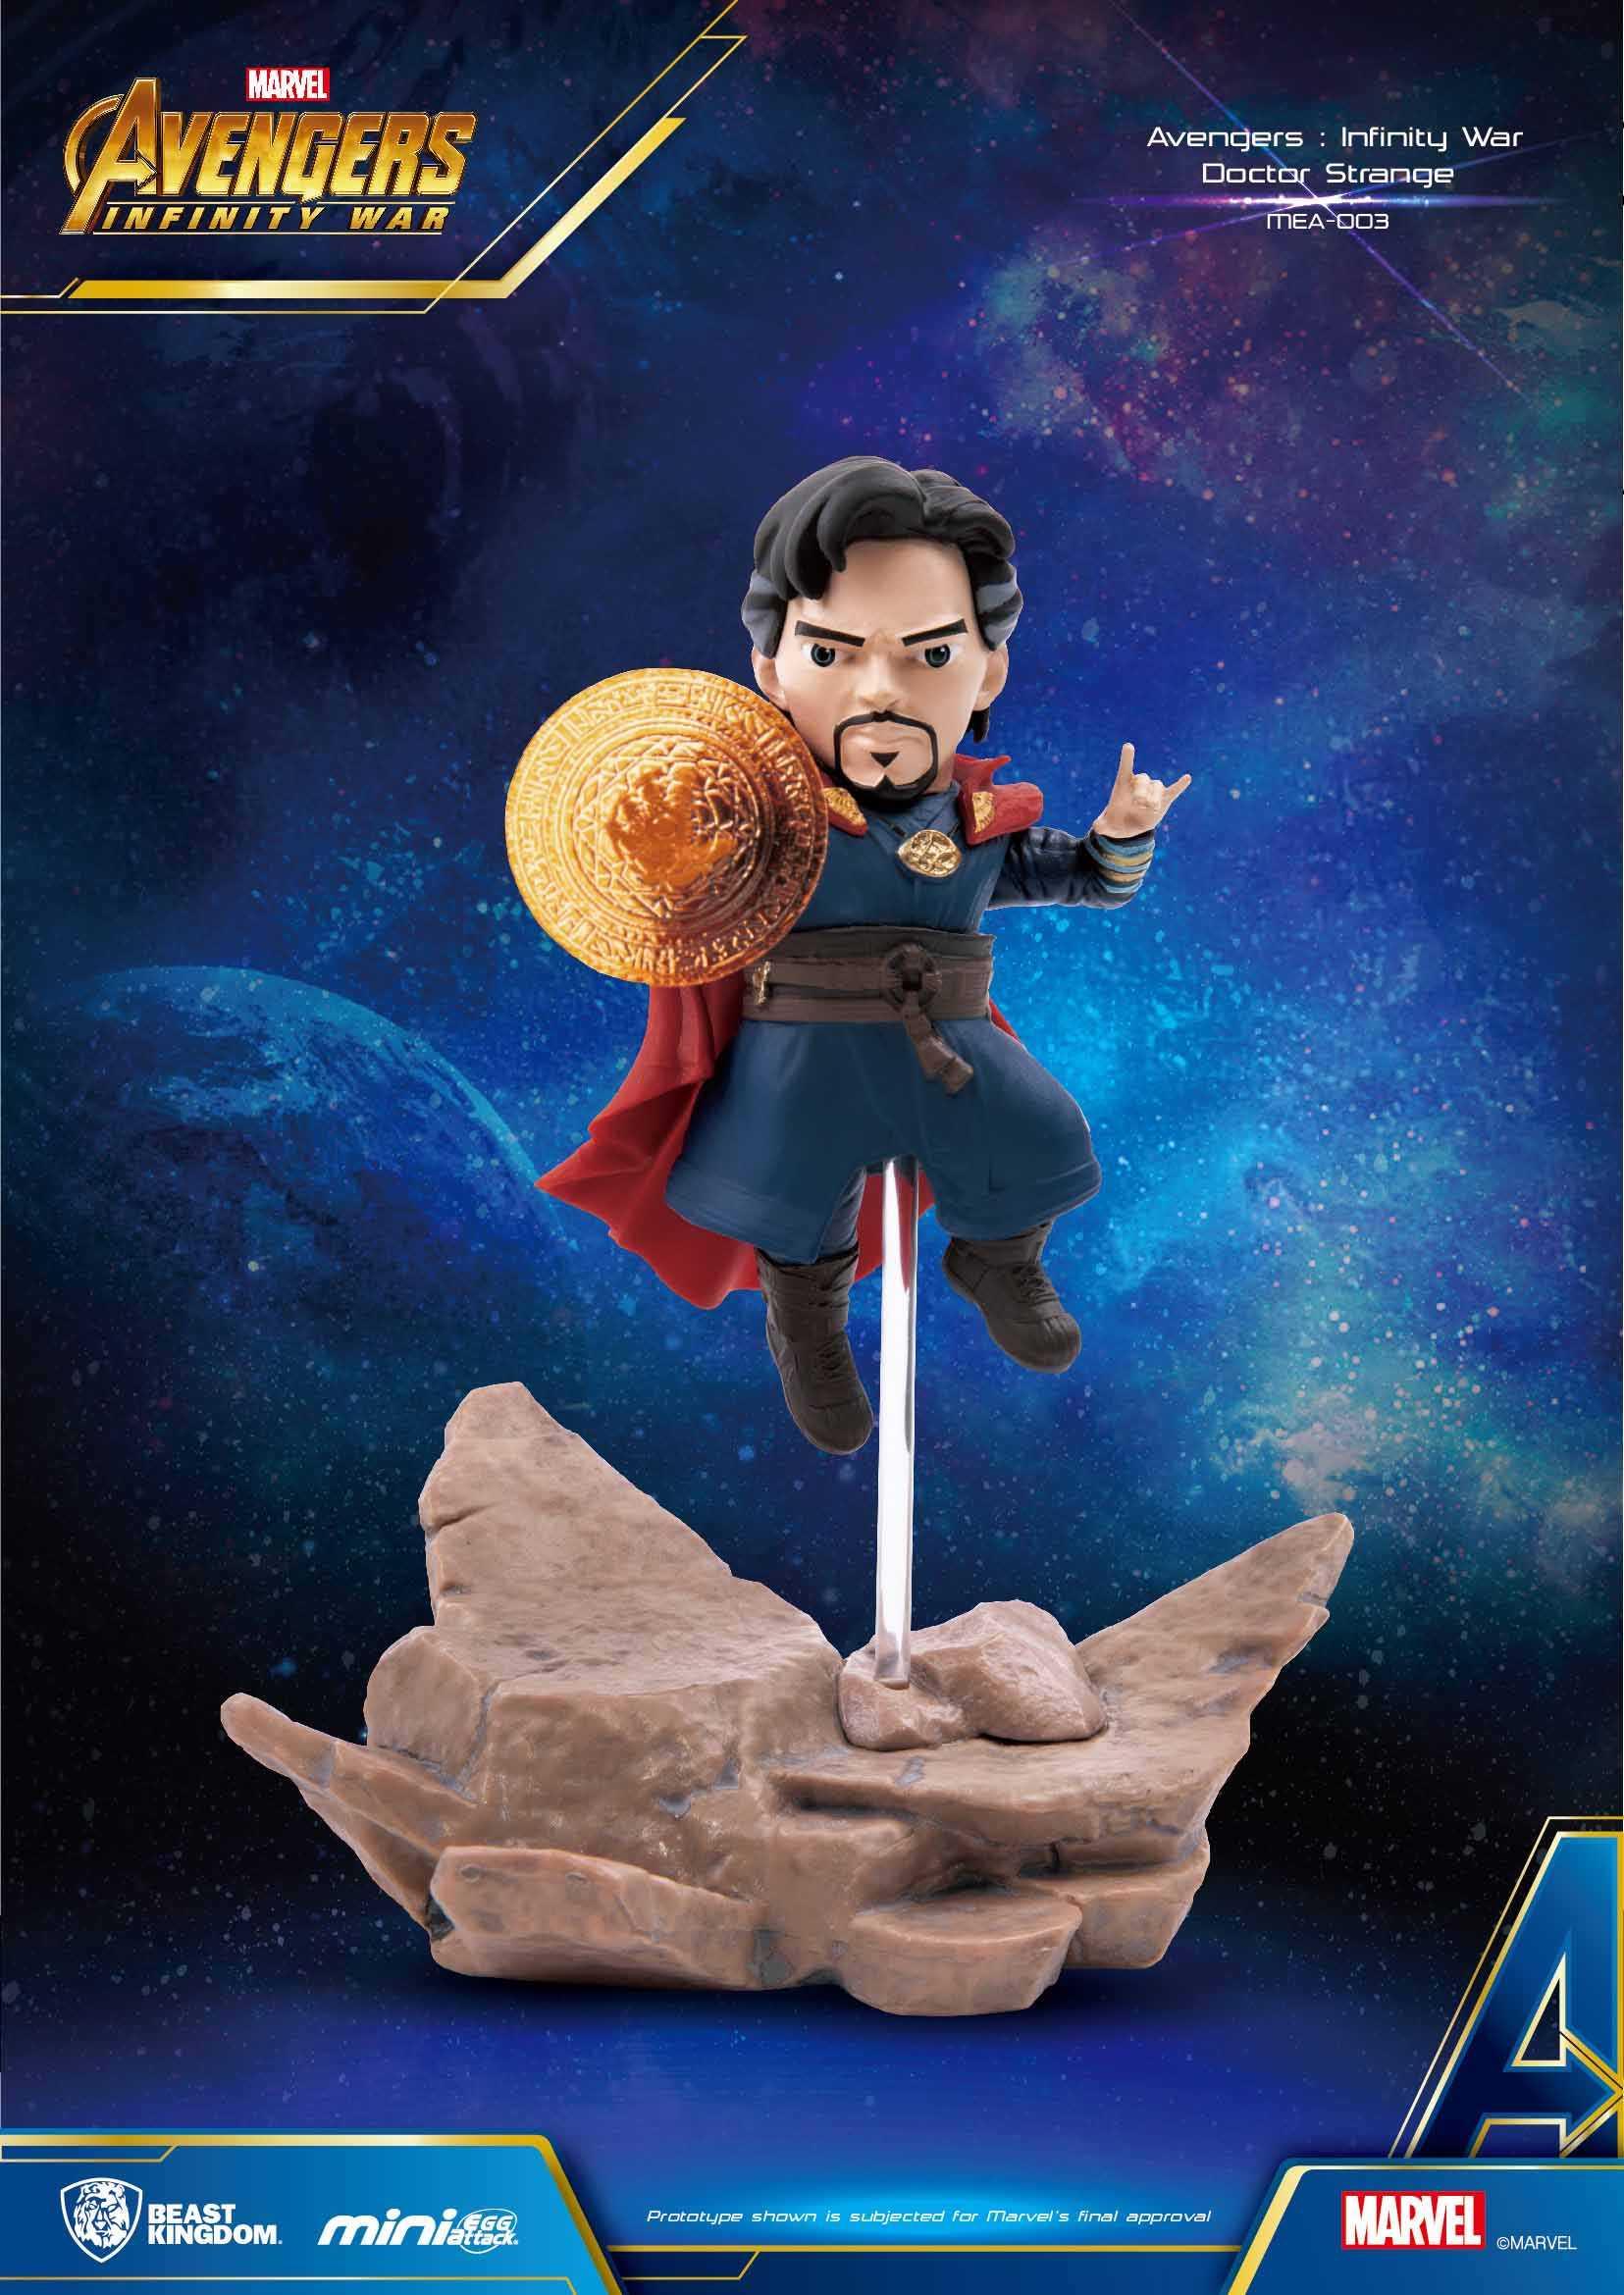 MEA-003 復仇者聯盟3:無限之戰 奇異博士